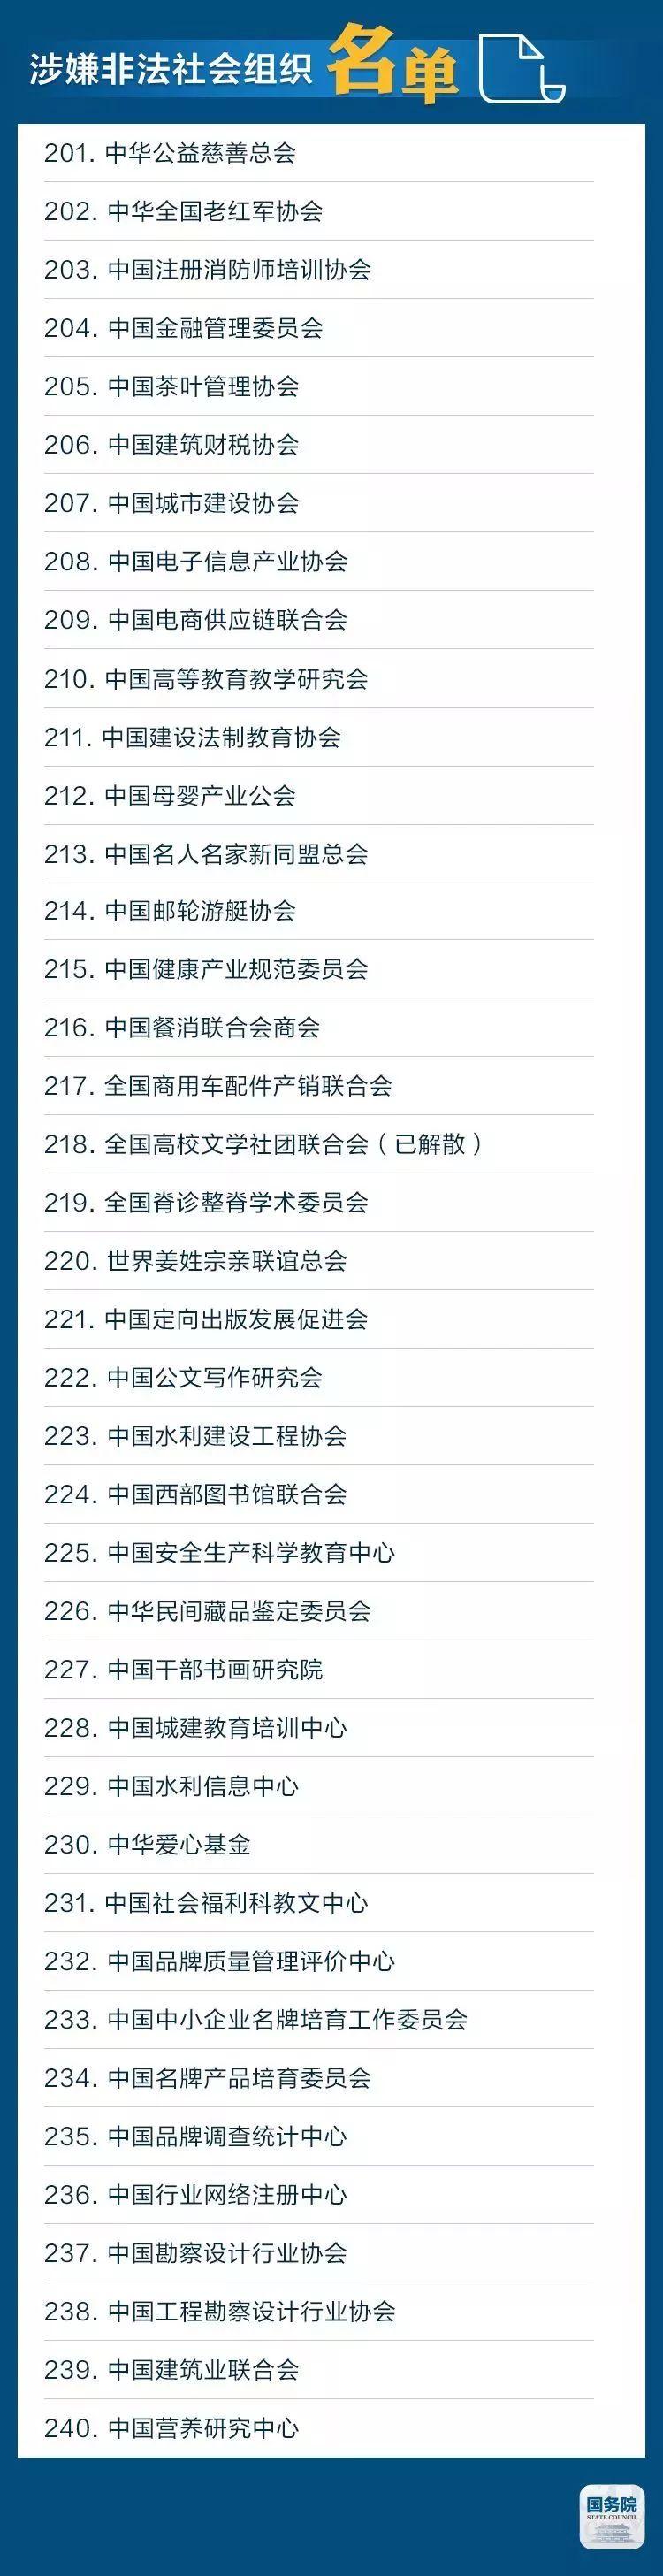 中国建筑业联合会等被认定为涉嫌非法组织,别上当!_9